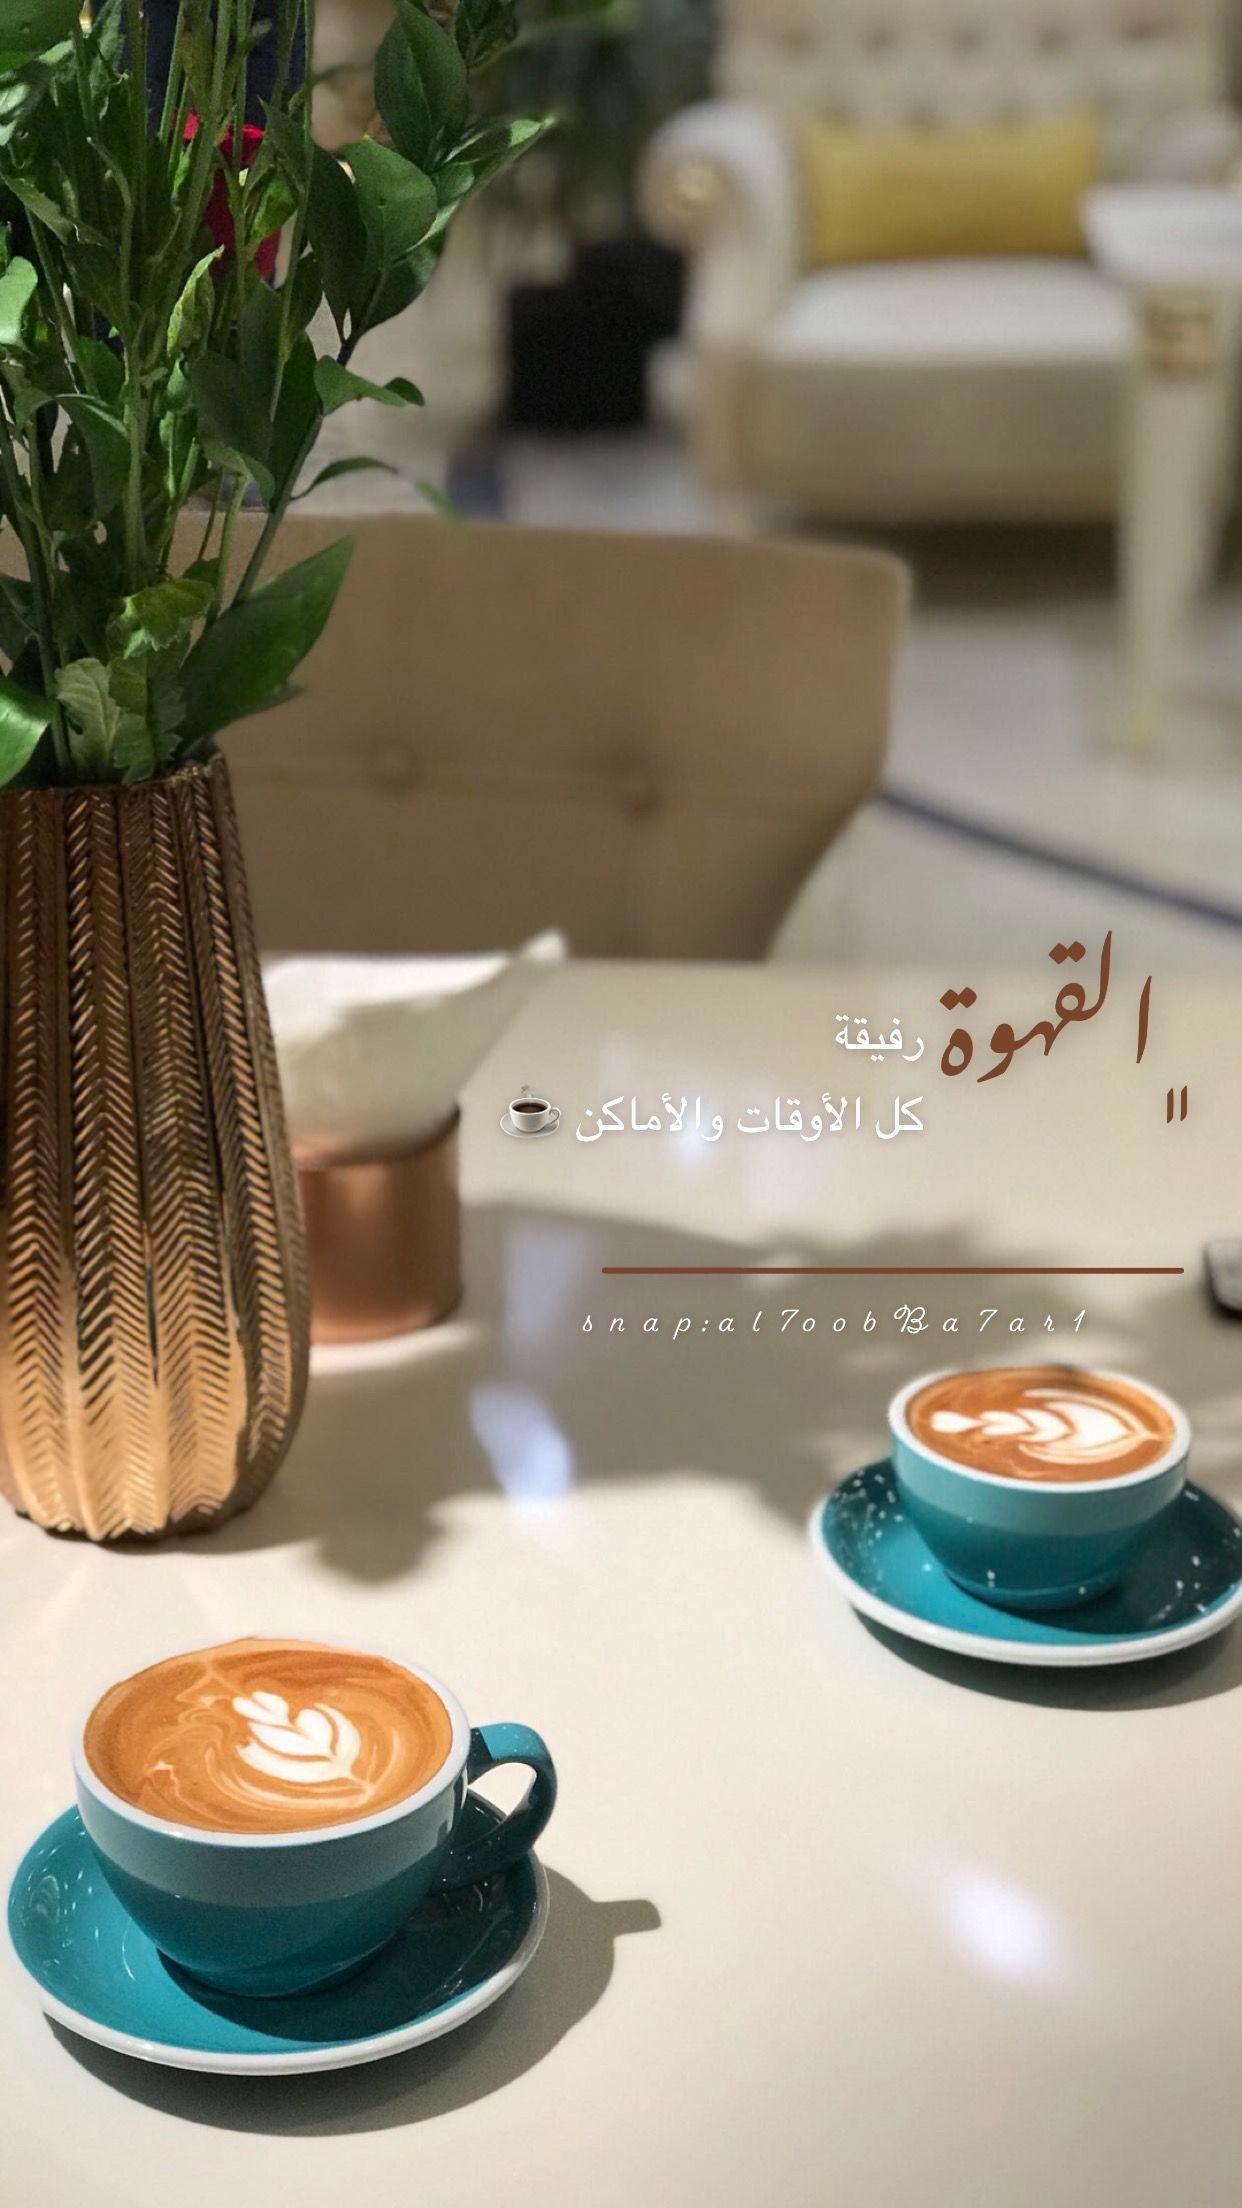 همسة القهوة رفيقة كل الأوقات والأماكن تصويري تصويري سناب تصميمي تصميم وقت القهوة كوفي الخبر Time Co Coffee Quotes My Coffee Relax Time